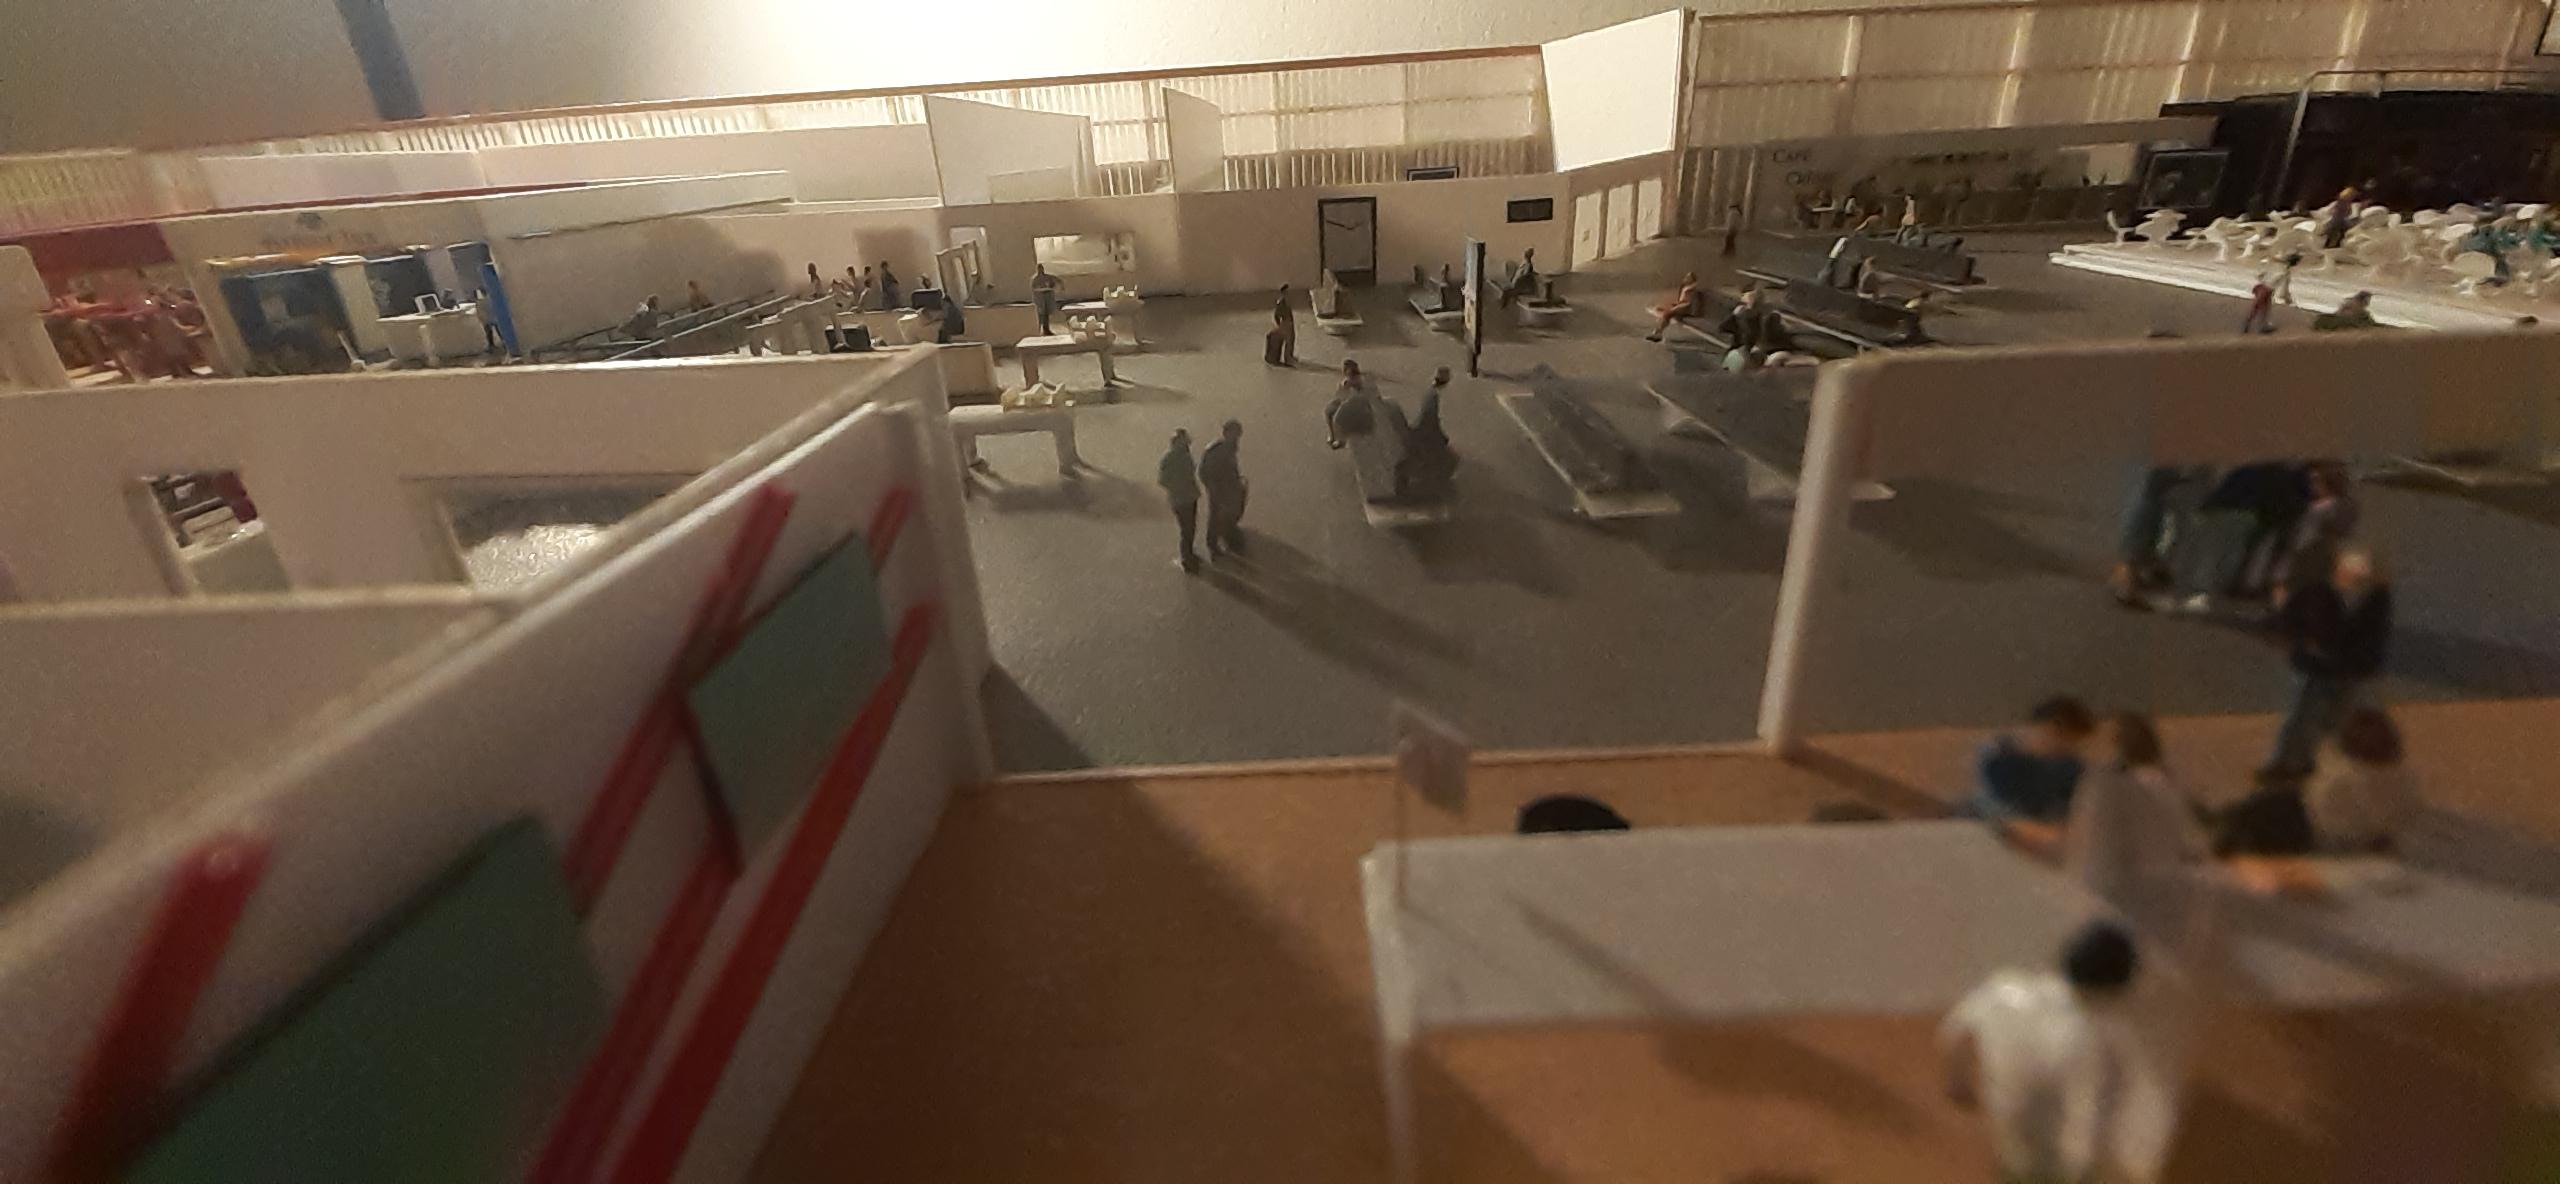 Réalisation de la maquette 1/144 d' un aéroport international (scratch) - Page 17 20200583